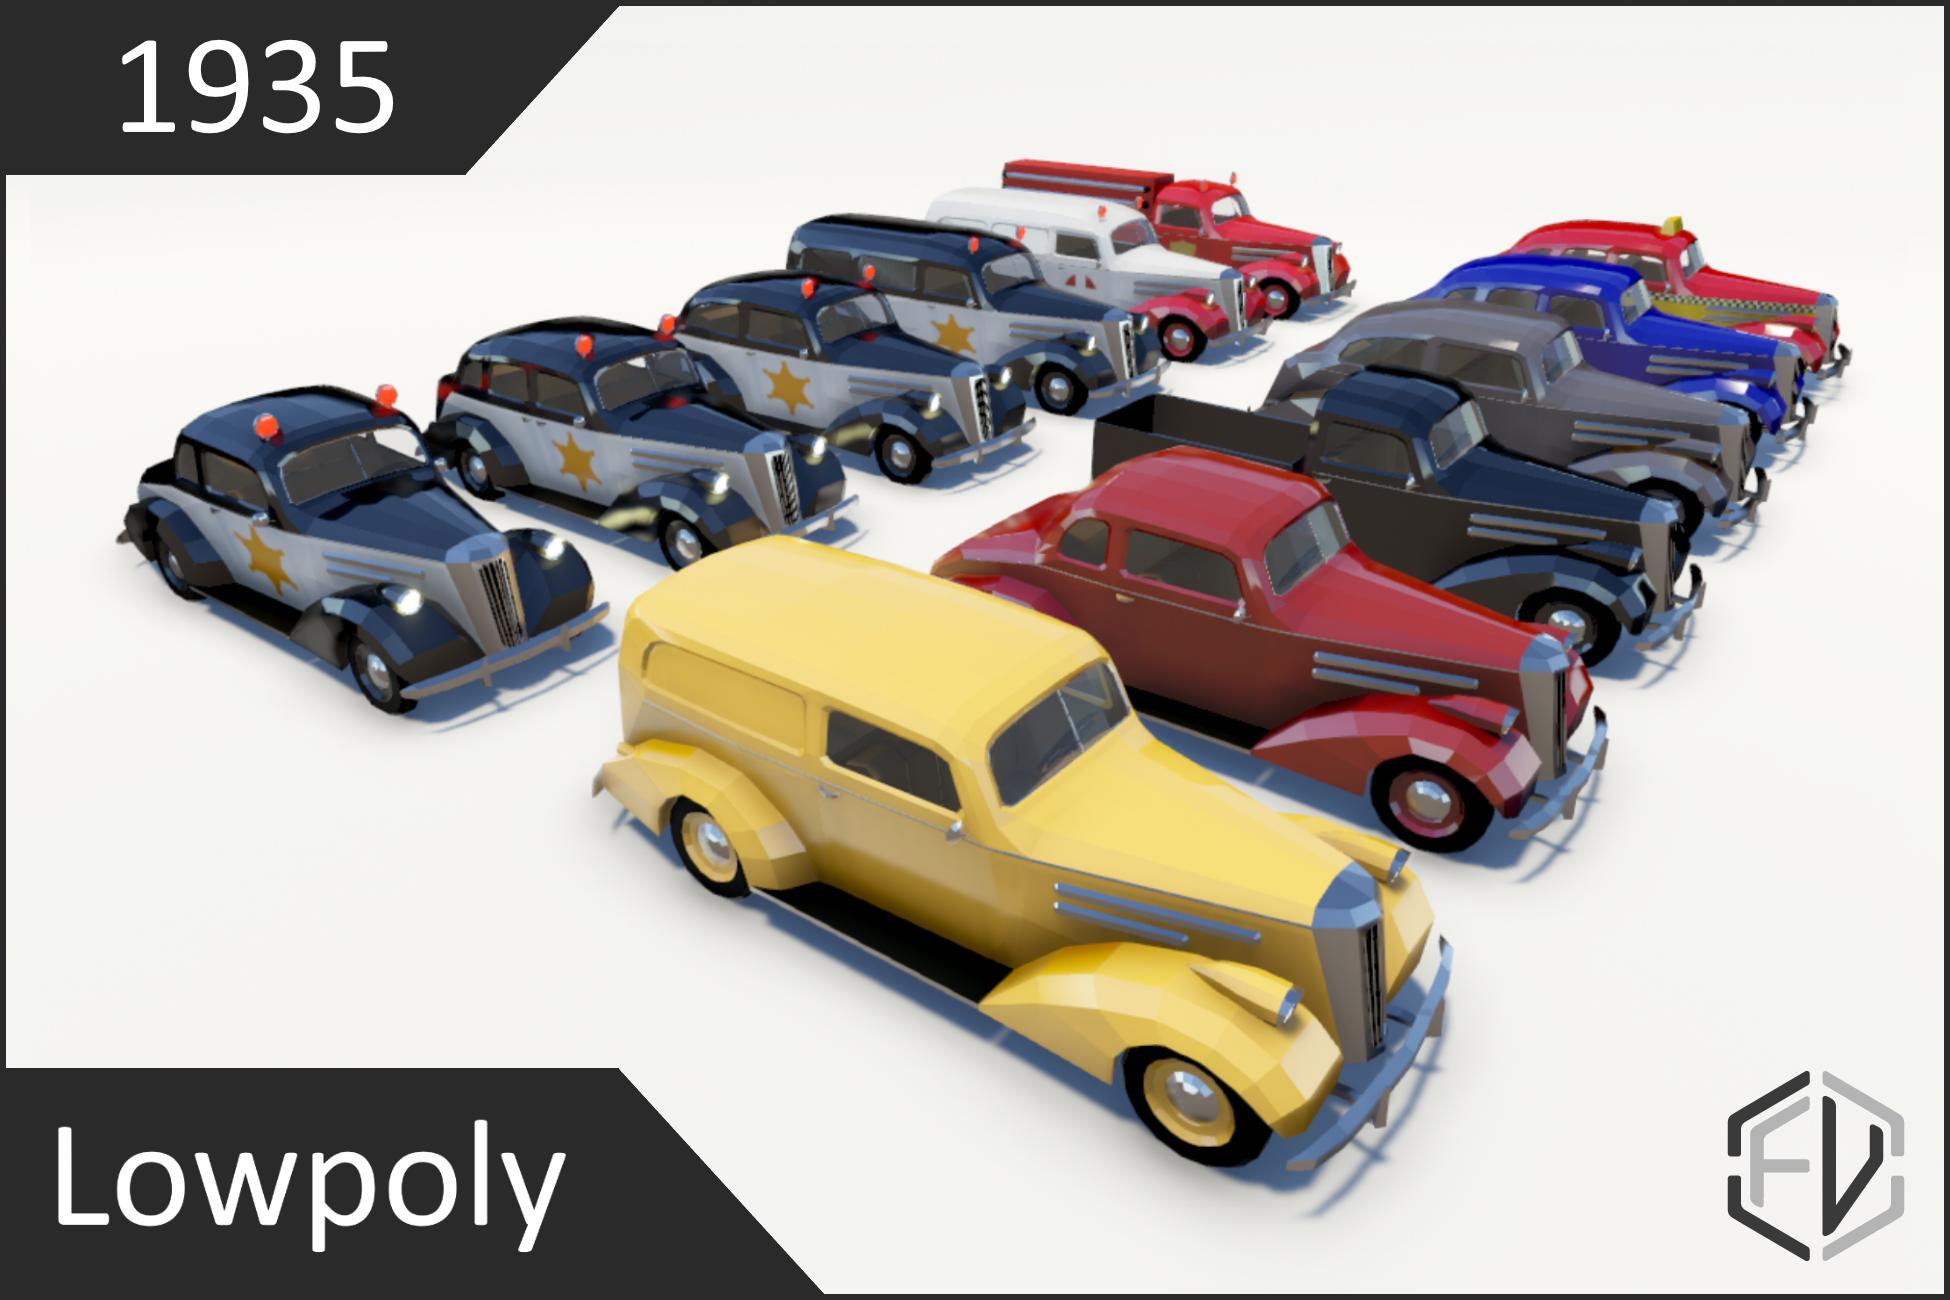 Lowpoly Vintage Car Pack 1935